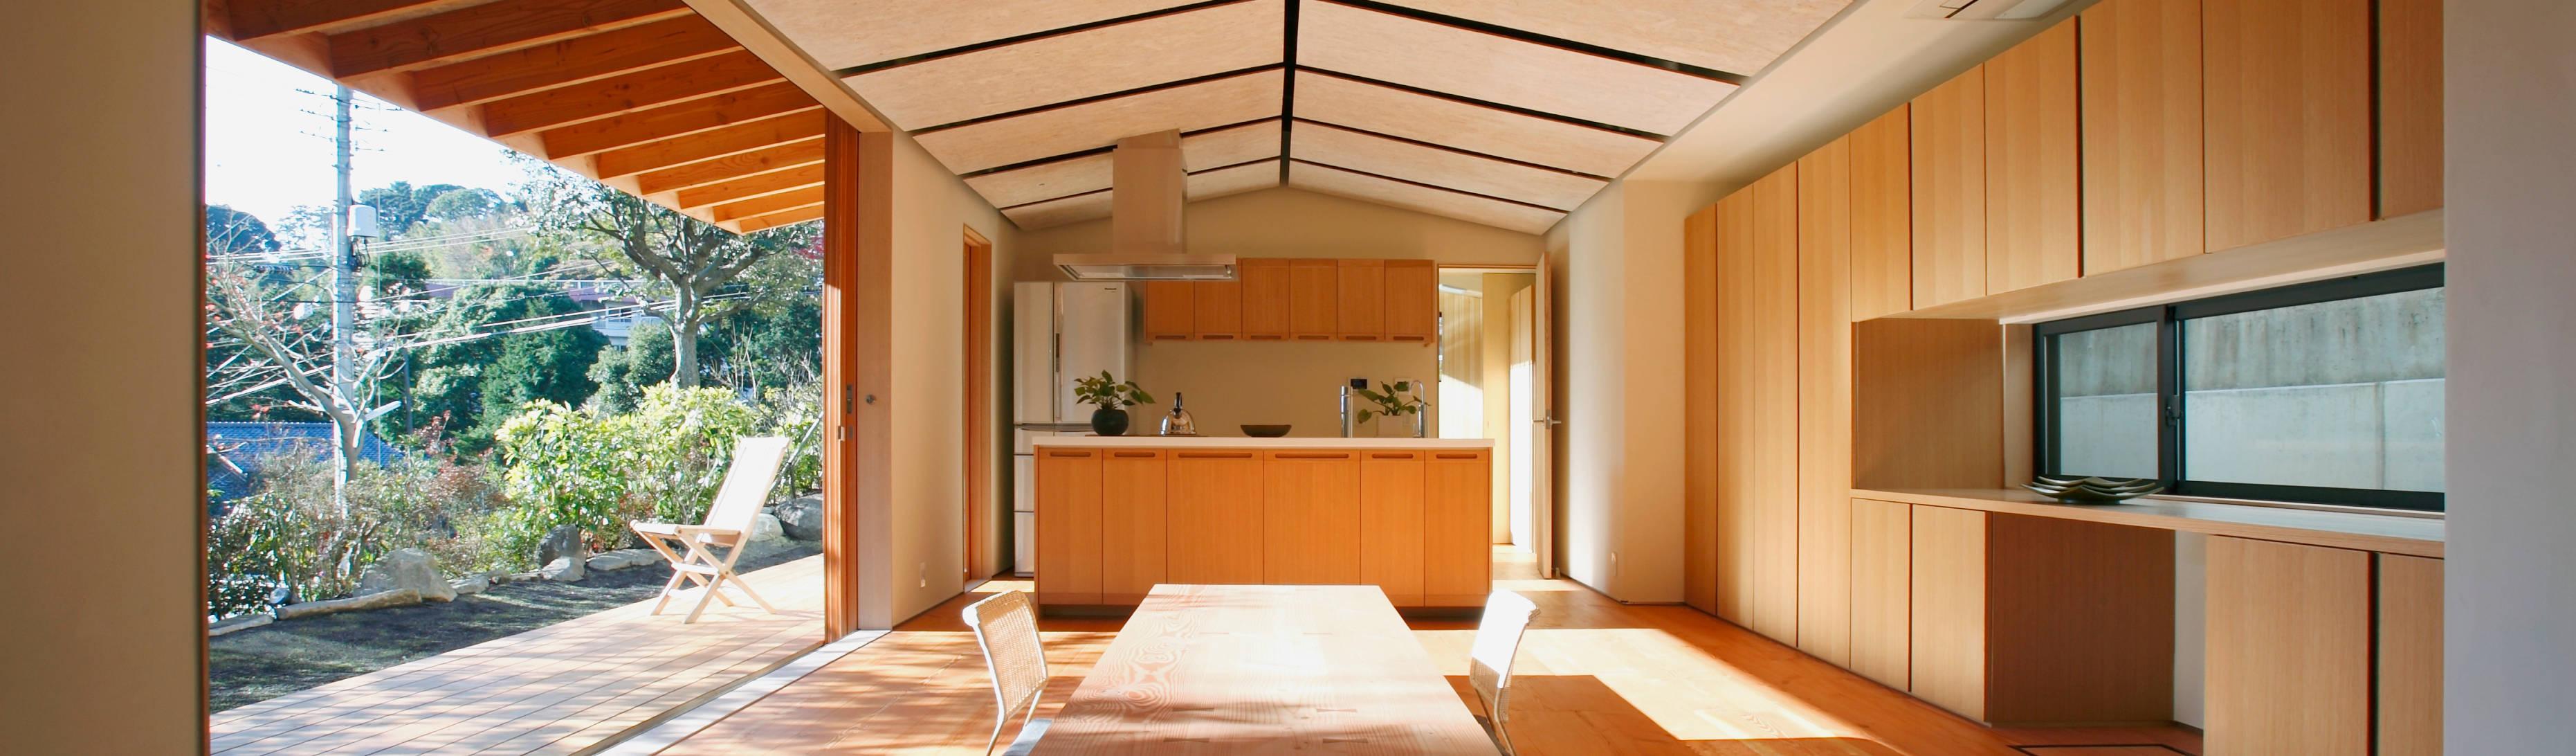 株式会社コヤマアトリエ一級建築士事務所